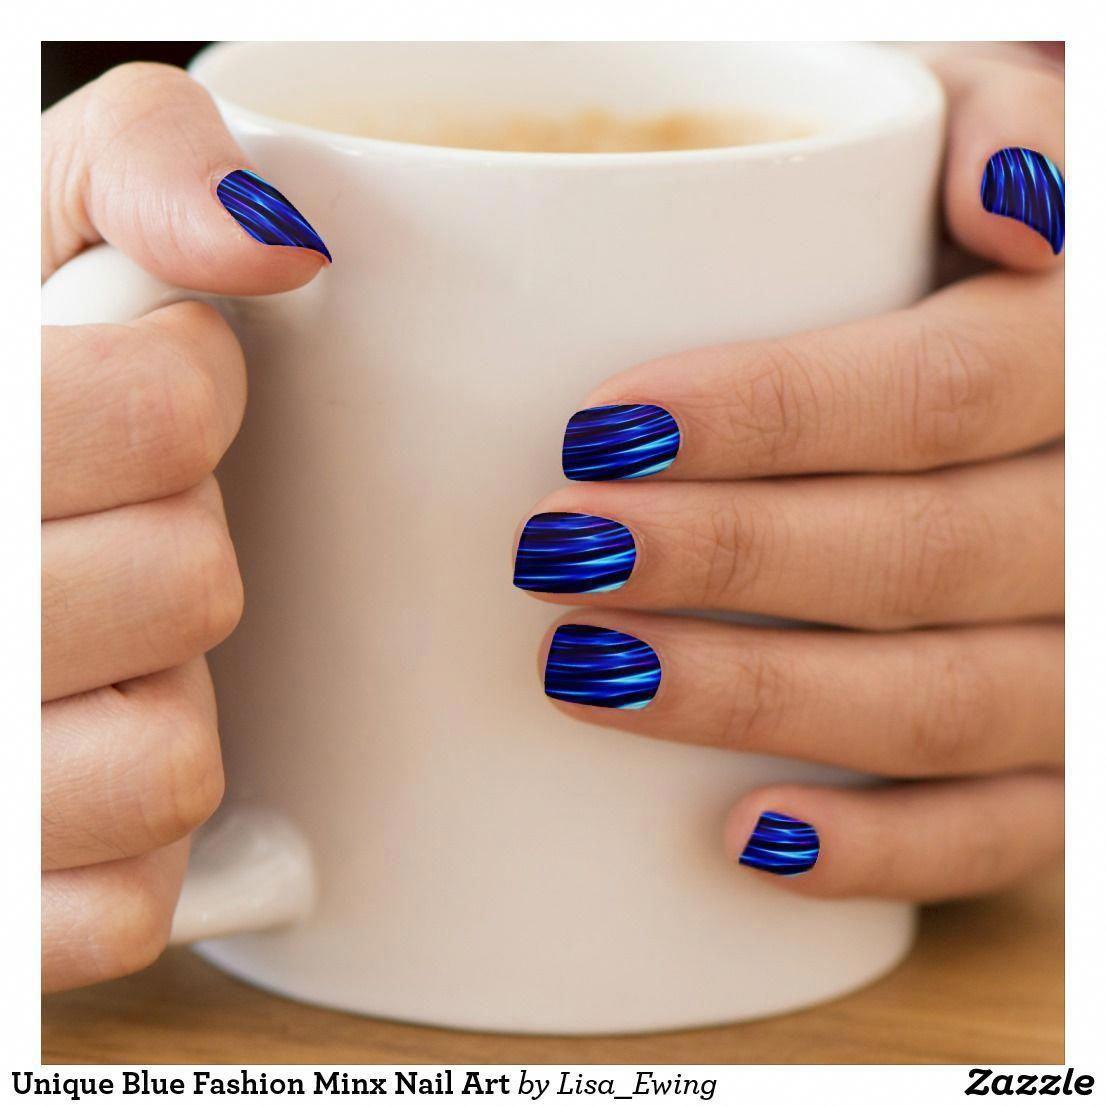 Unique Blue Fashion Minx Nail Art | Zazzle.com